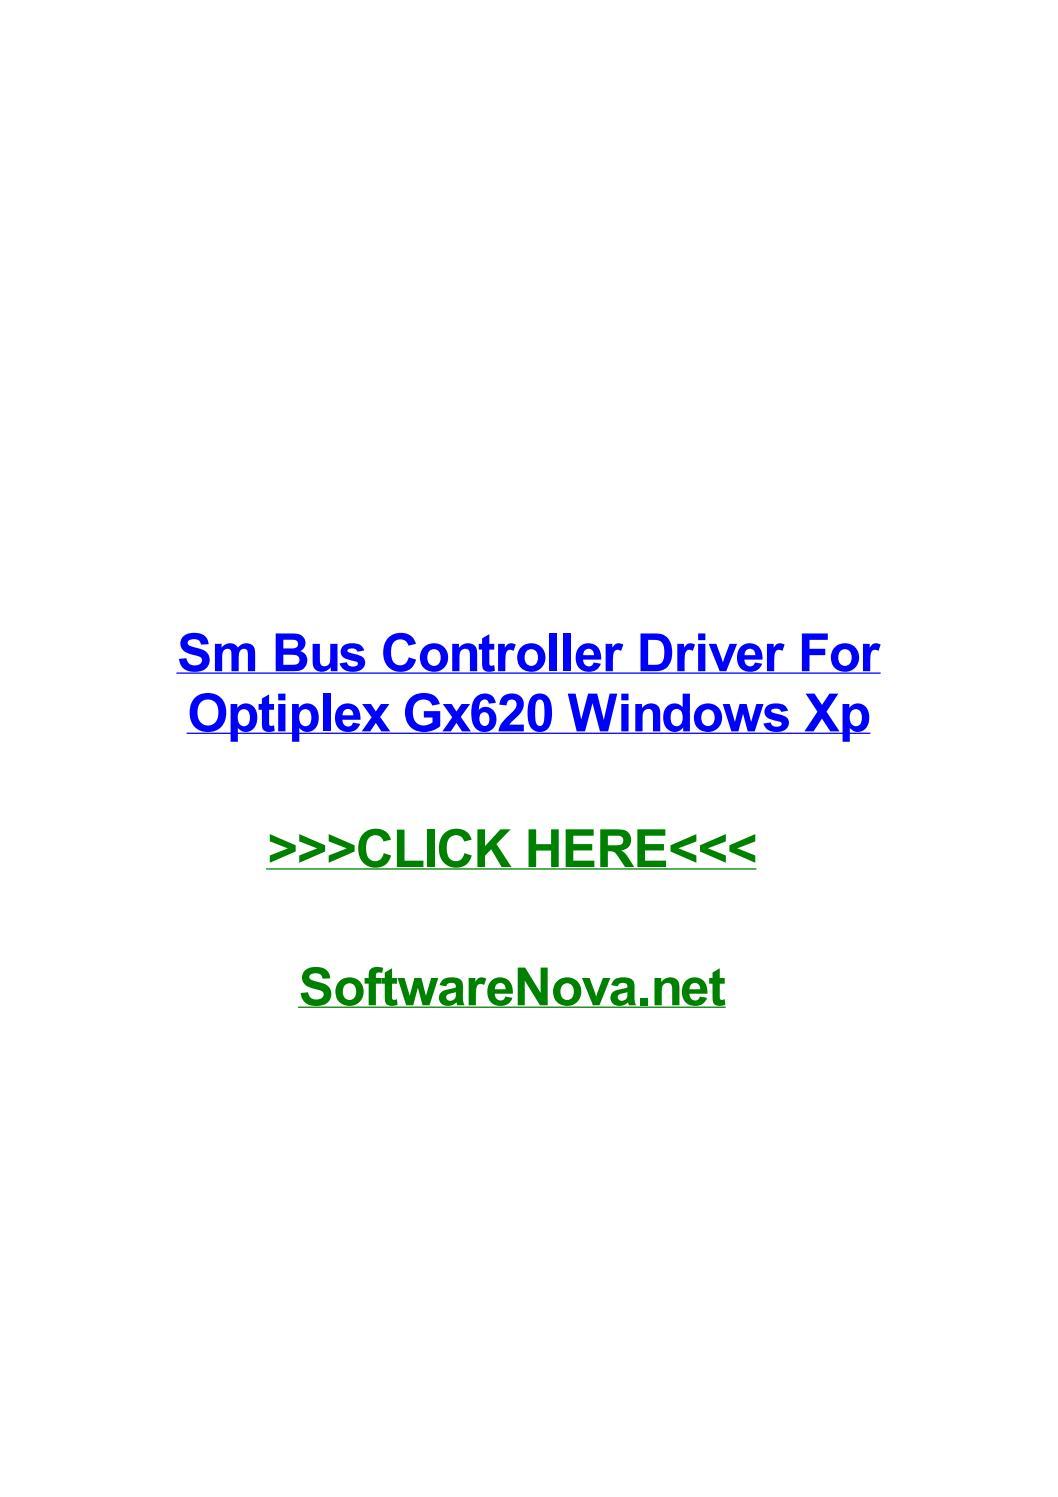 SM XP PILOTE CONTROLEUR TÉLÉCHARGER DE BUS